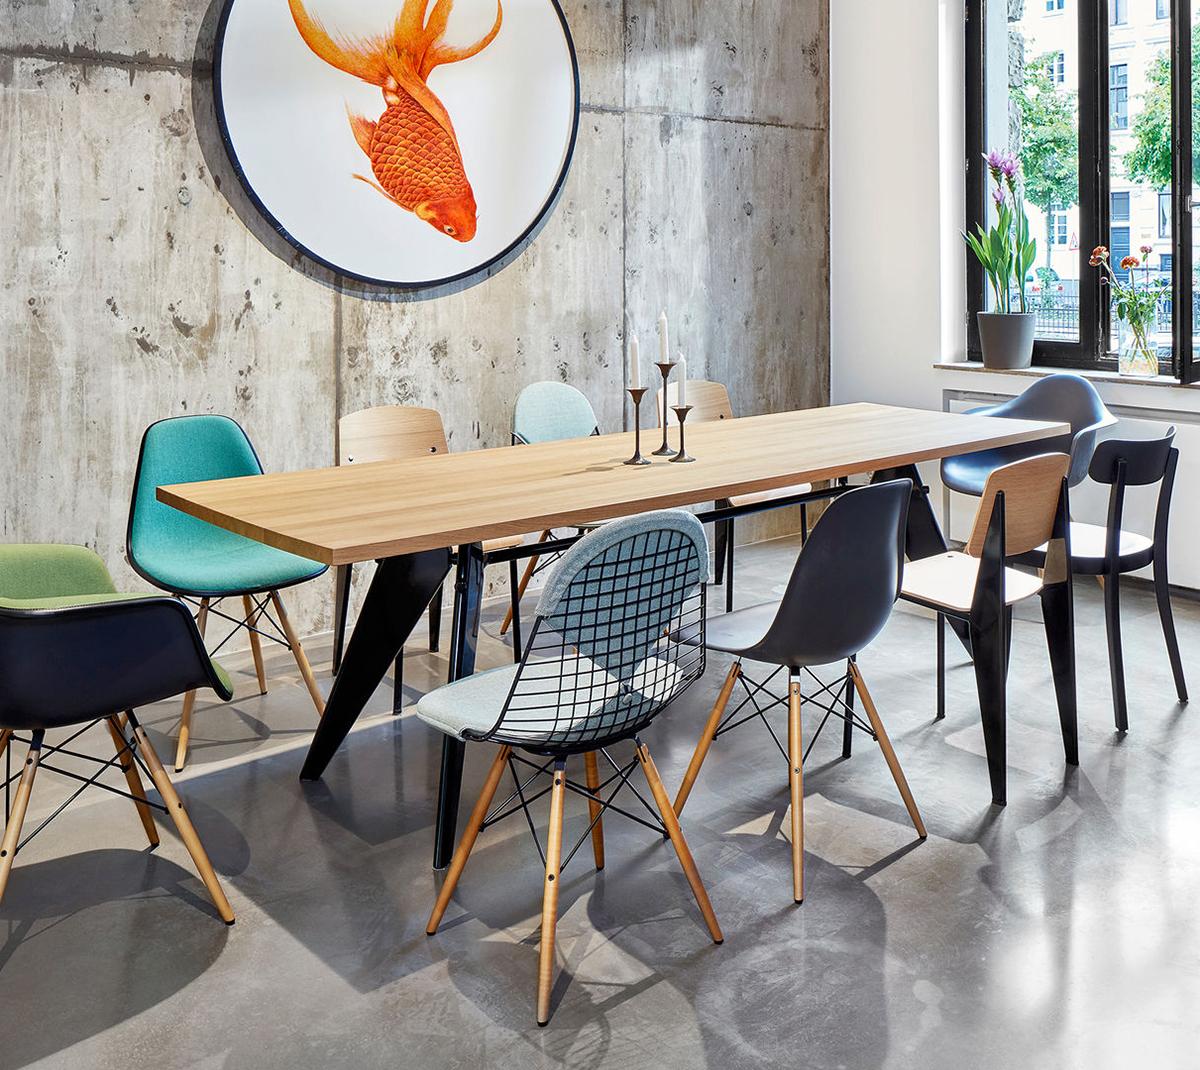 Habitat / Tables / Tense Materiel - Design & Solutions Lille encequiconcerne Table Salle À Manger Habitat